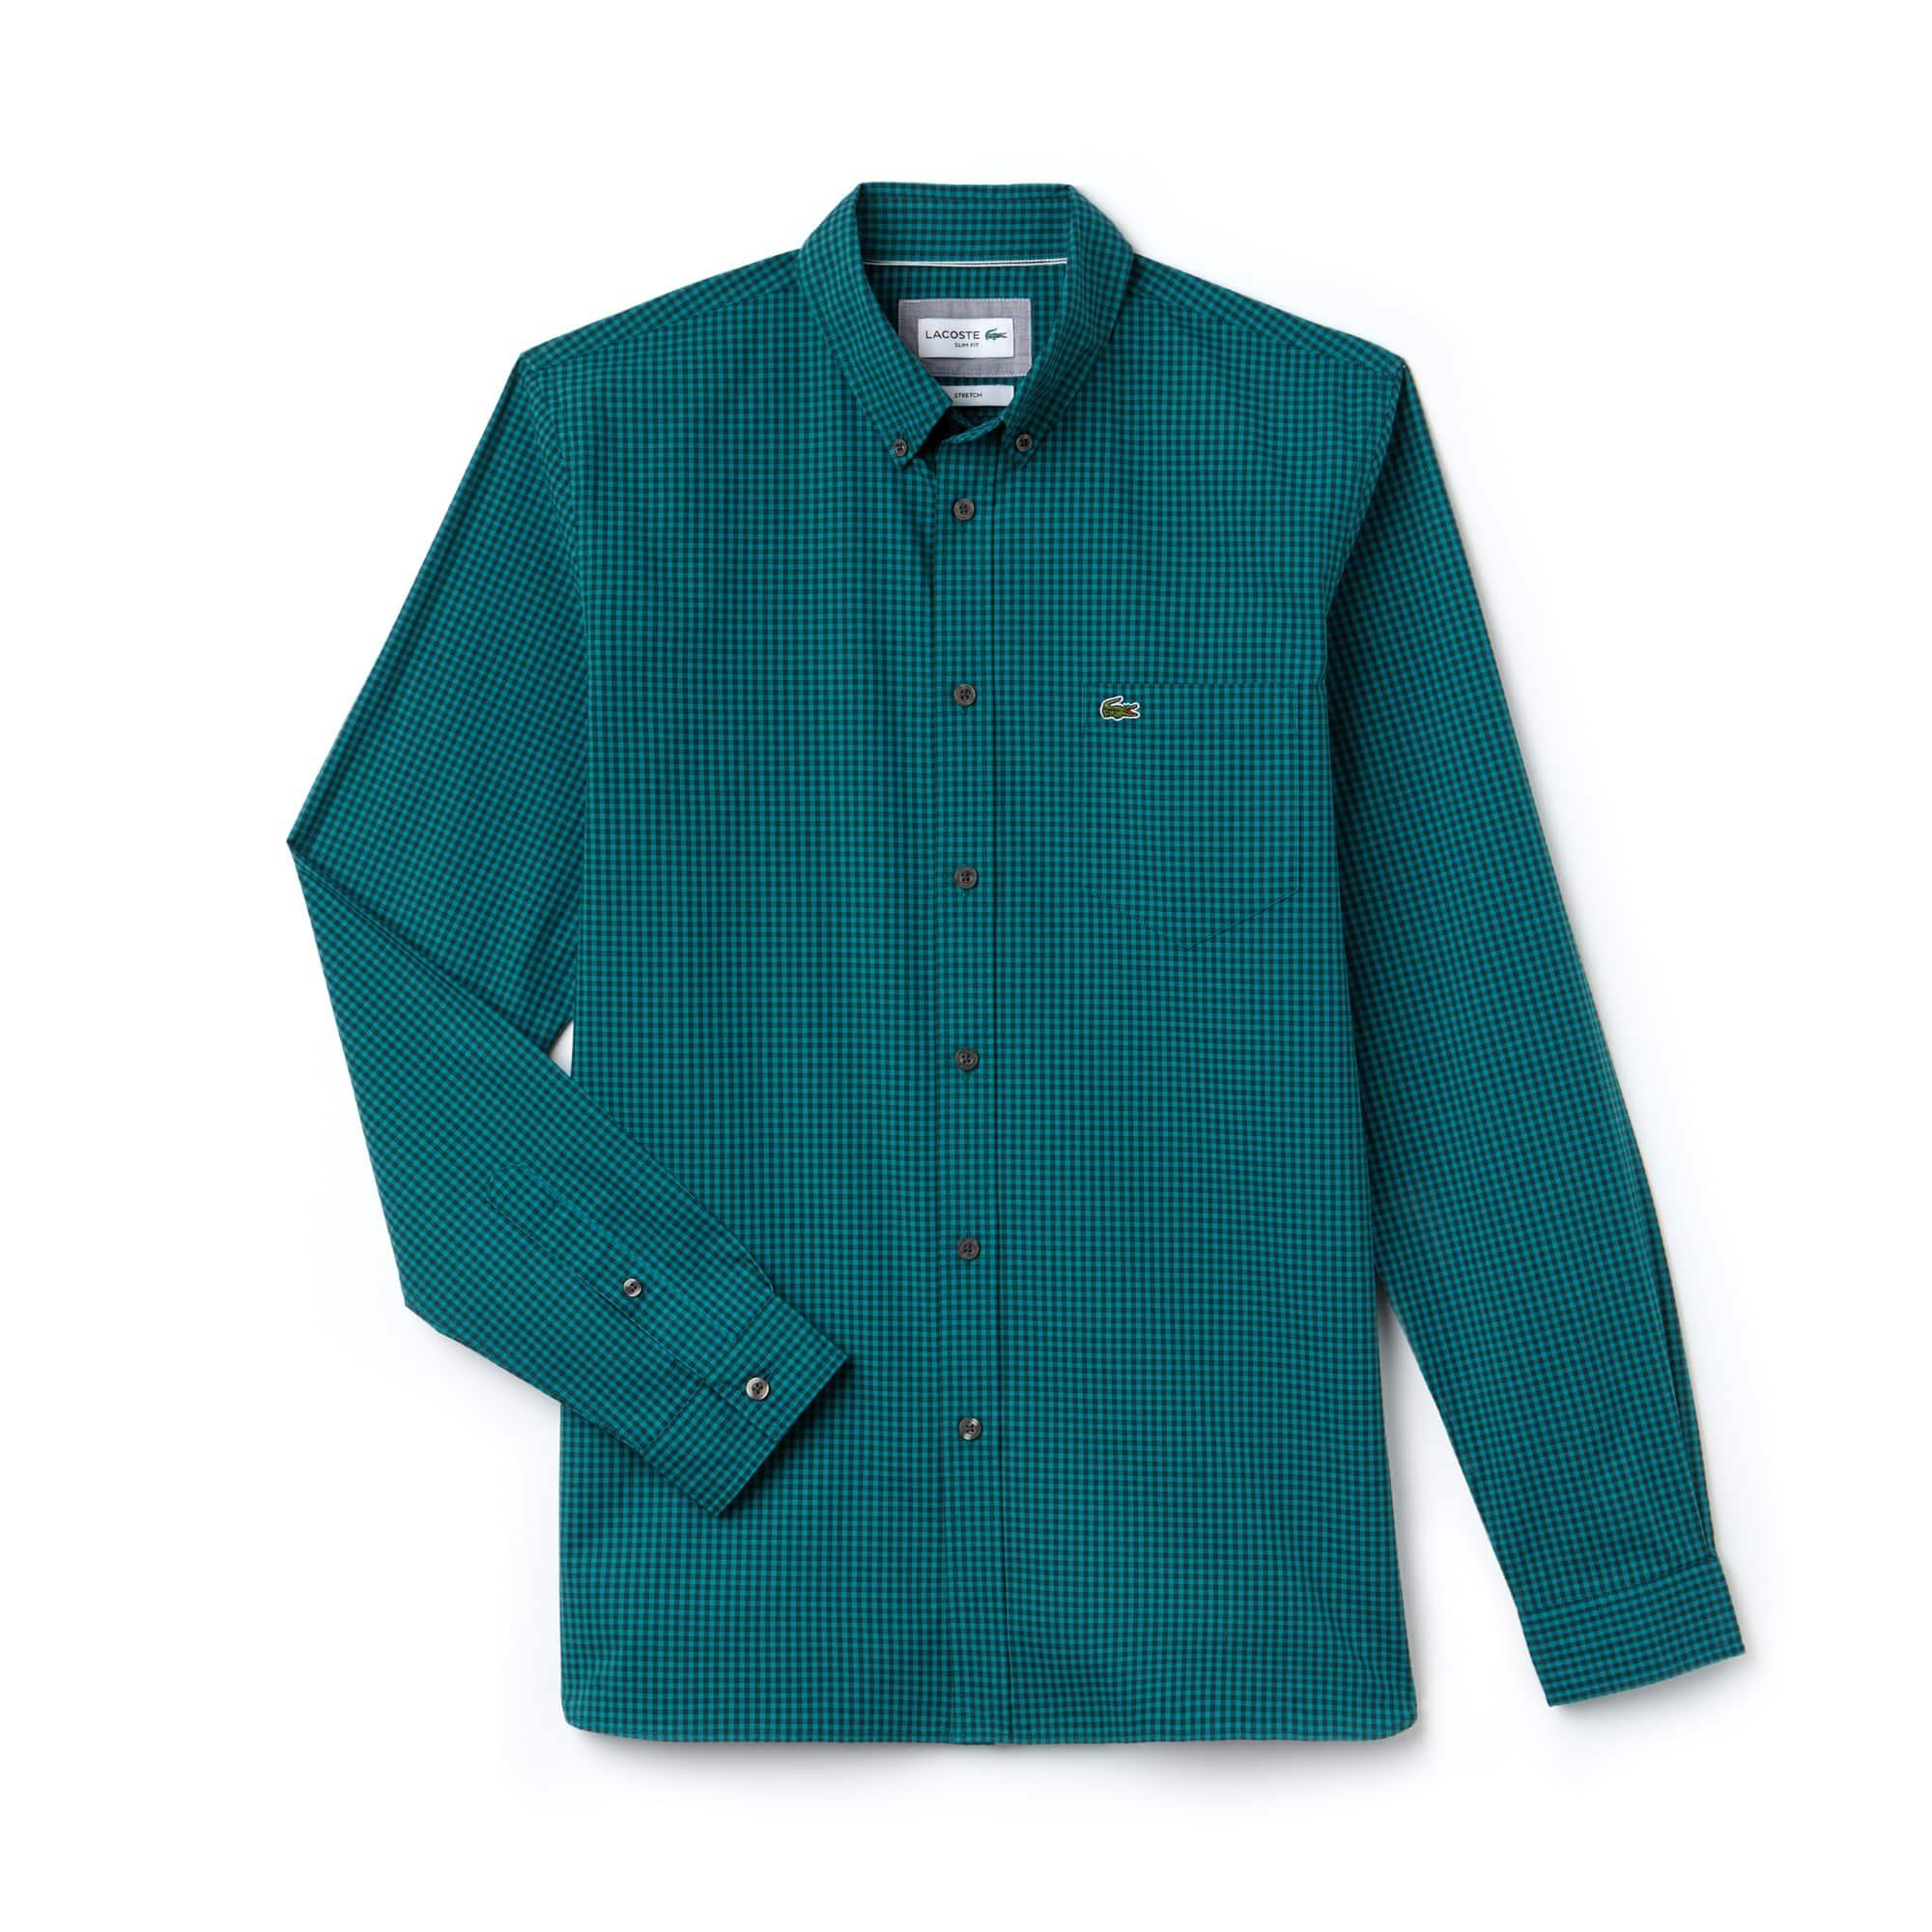 라코스테 Lacoste Mens Slim Fit Gingham Stretch Cotton Poplin Shirt,green / green